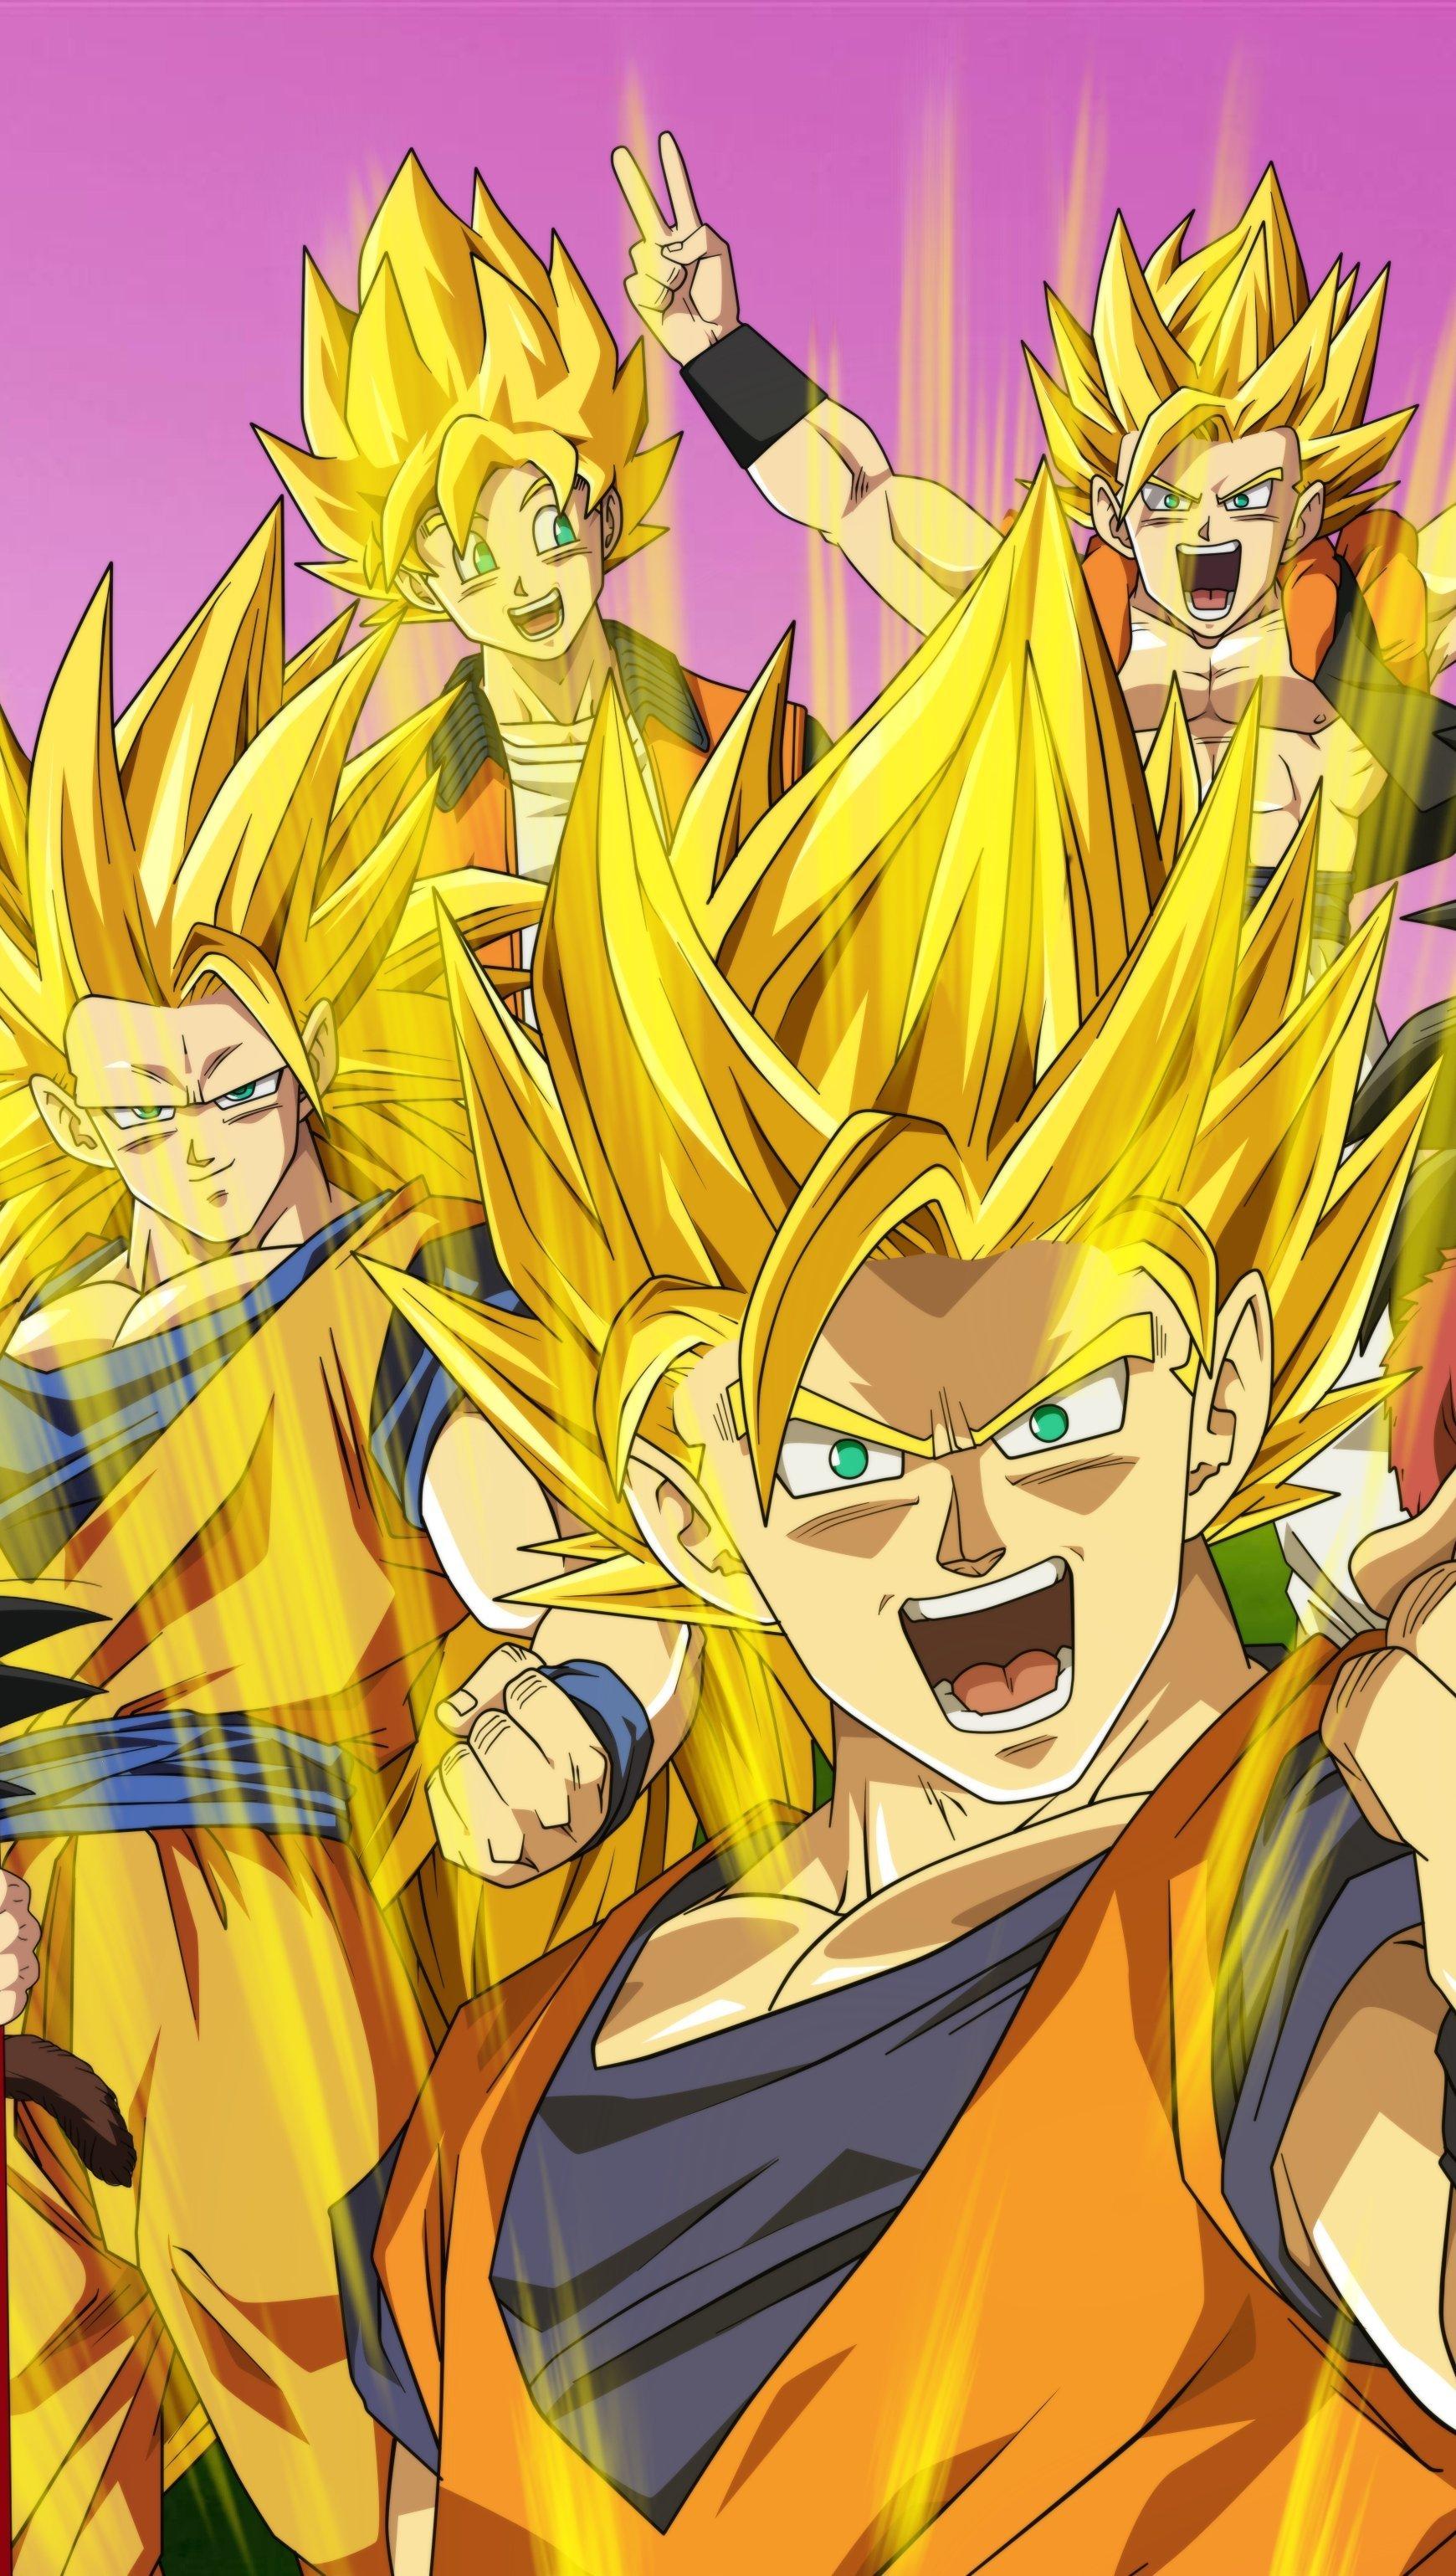 Fondos de pantalla Goku en todas las fases Super saiyajin Vertical